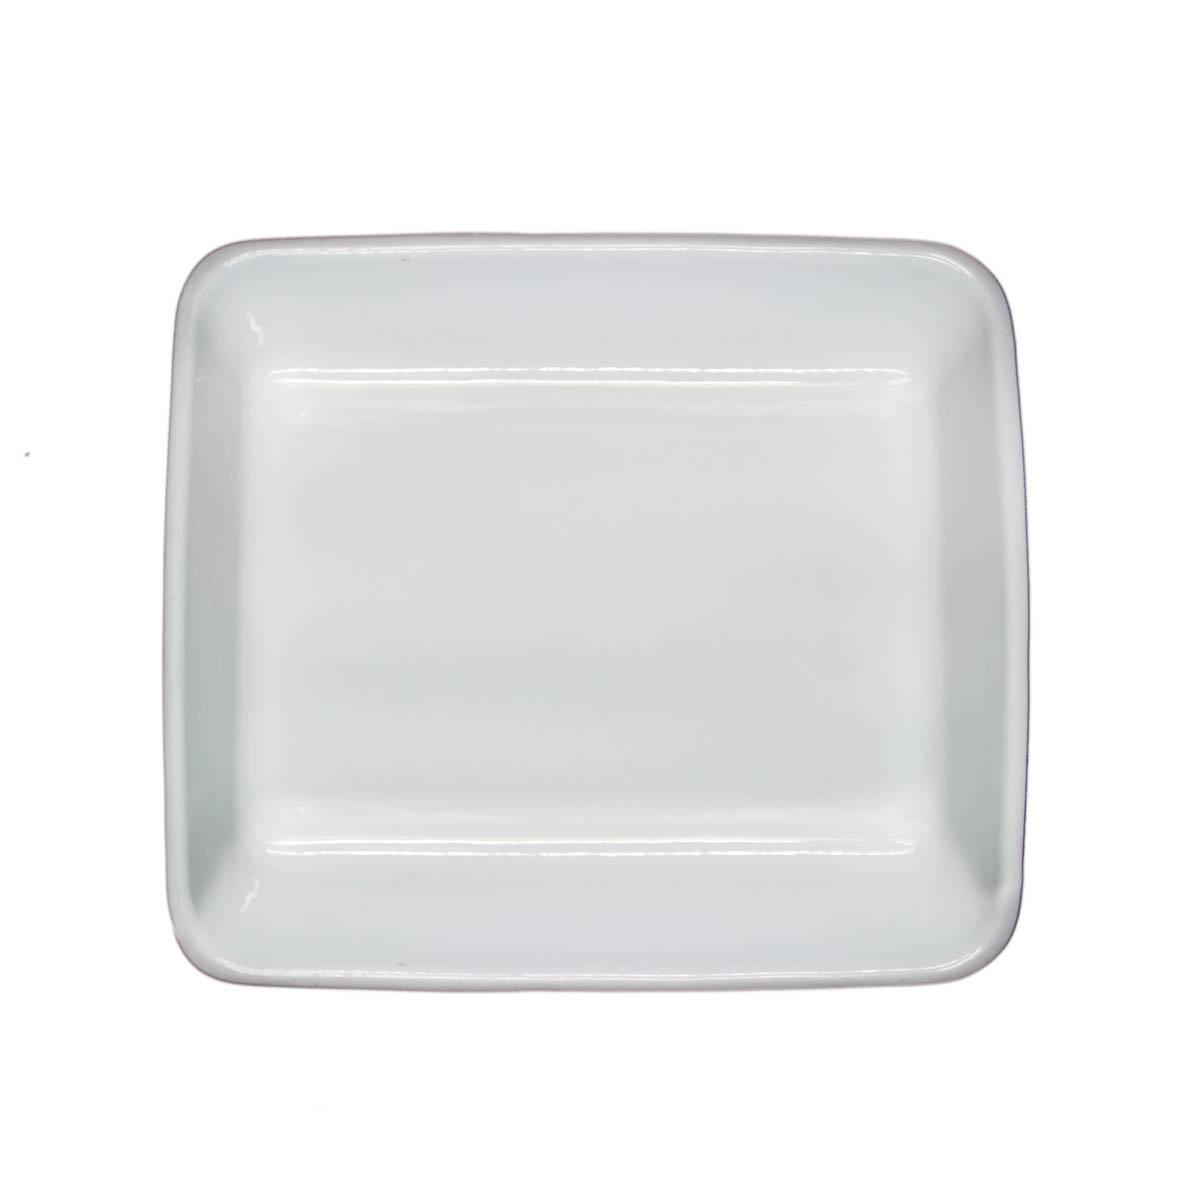 Travessa de Porcelana Quadrada Refrataria 34x29x6